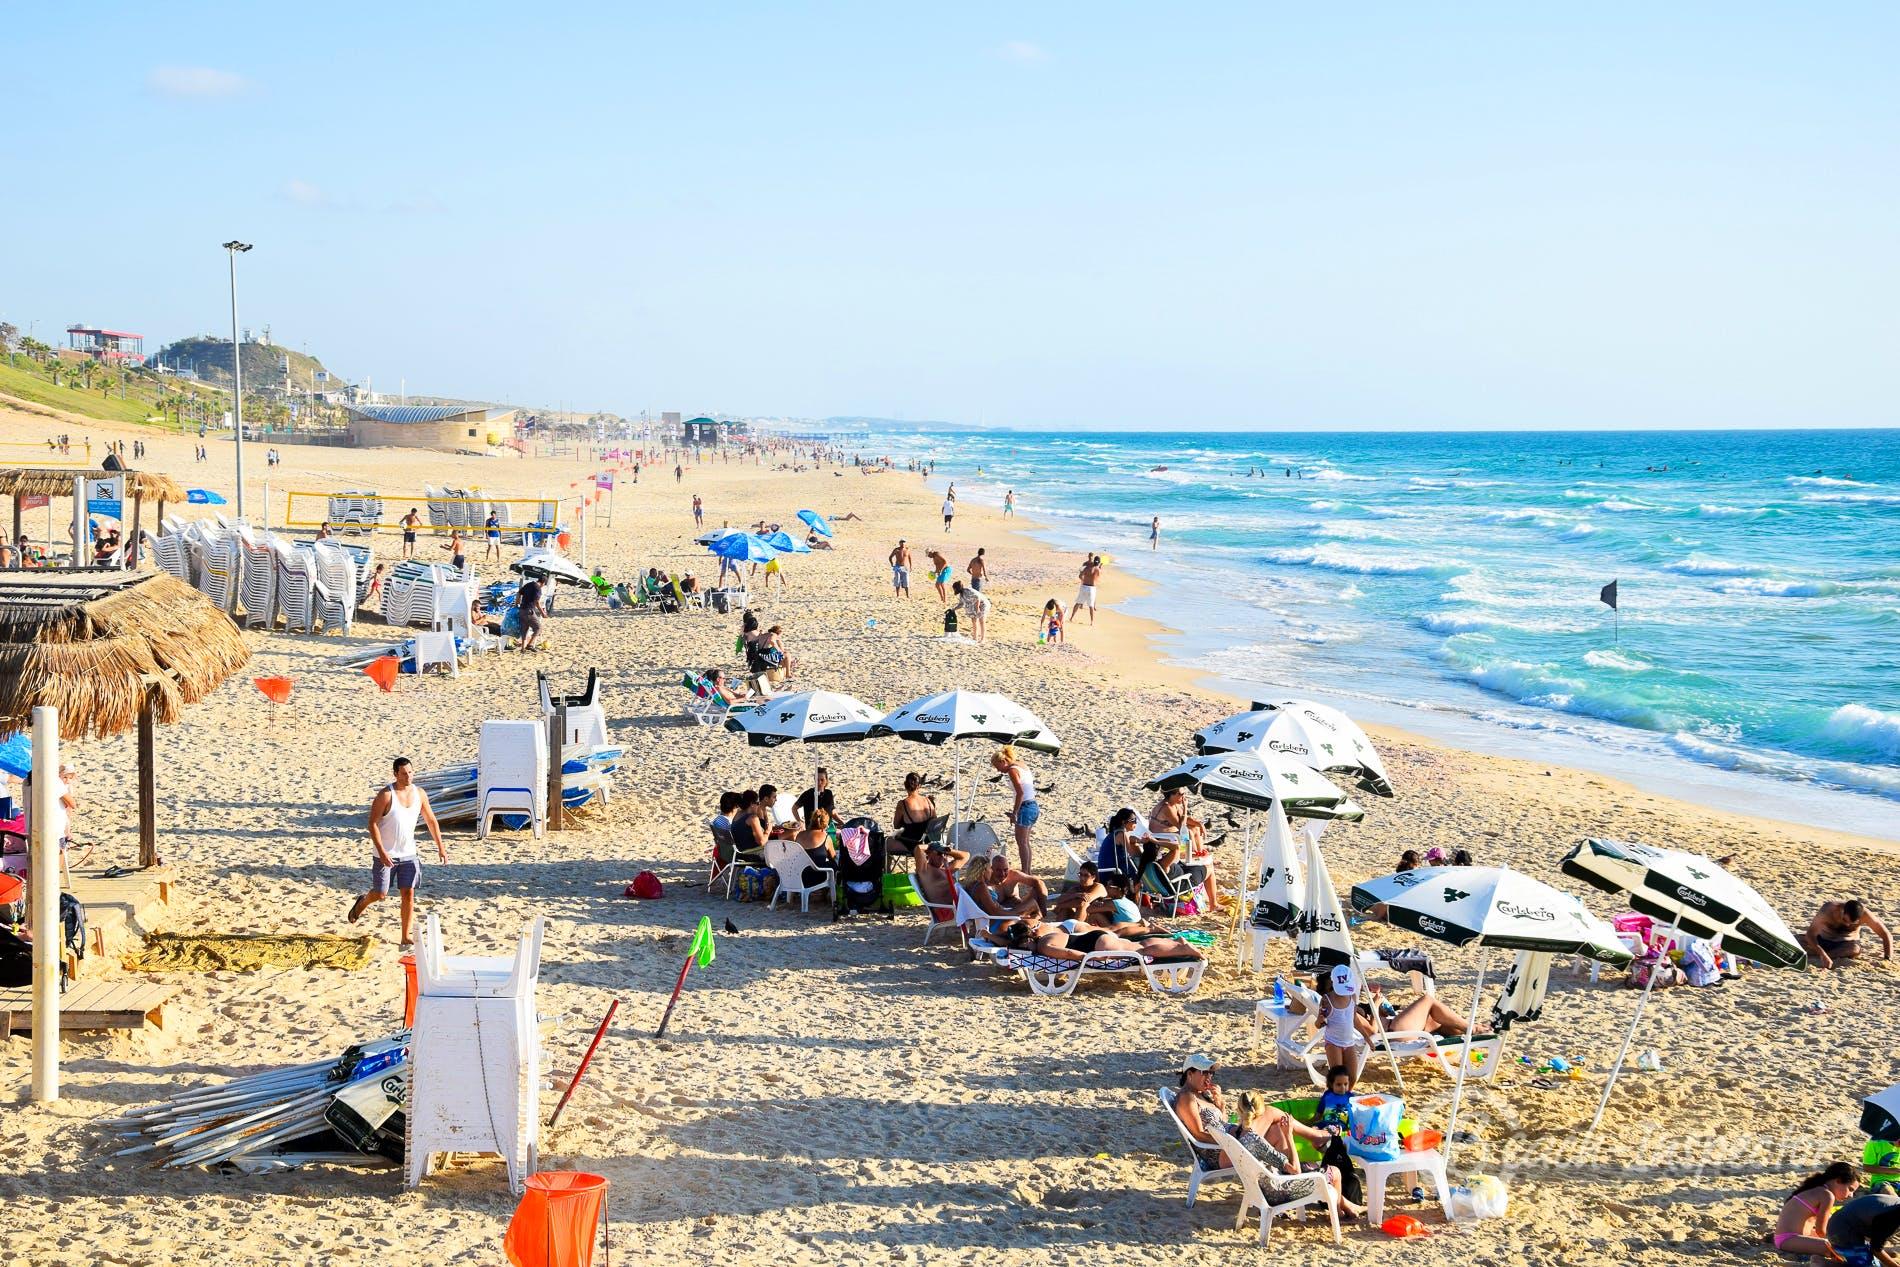 Strand Bat Yam Beach, Israel, Israel